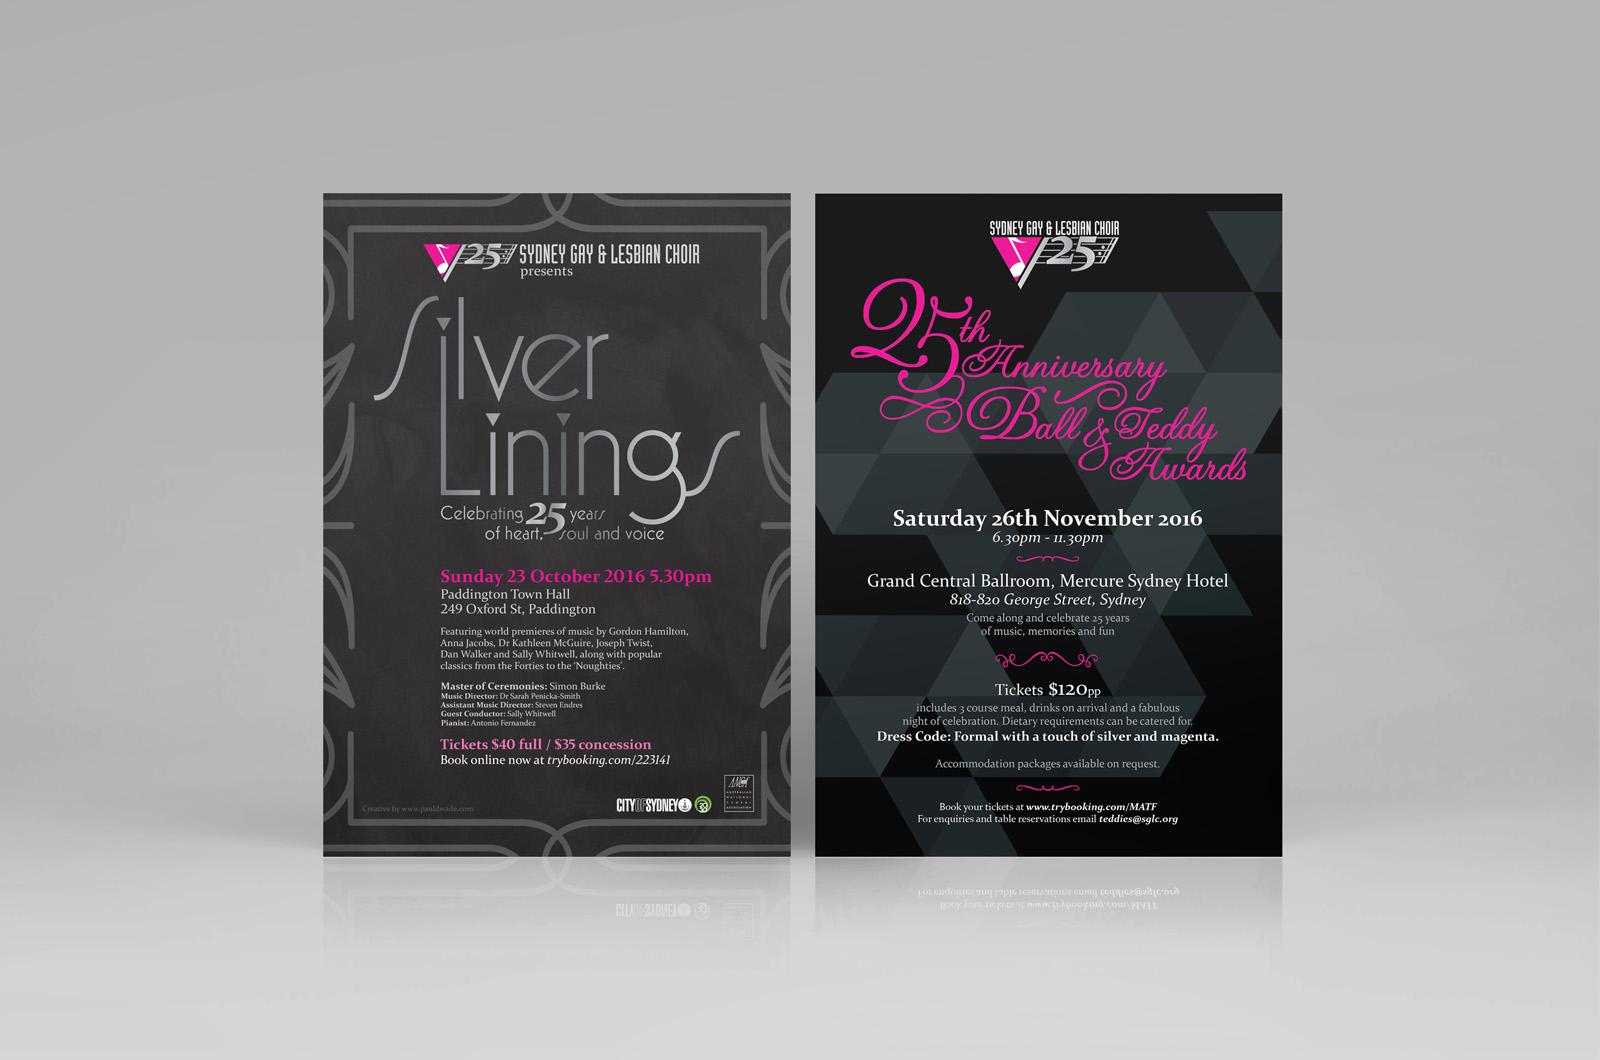 SGLC-Silver-Linings-Teddies-2